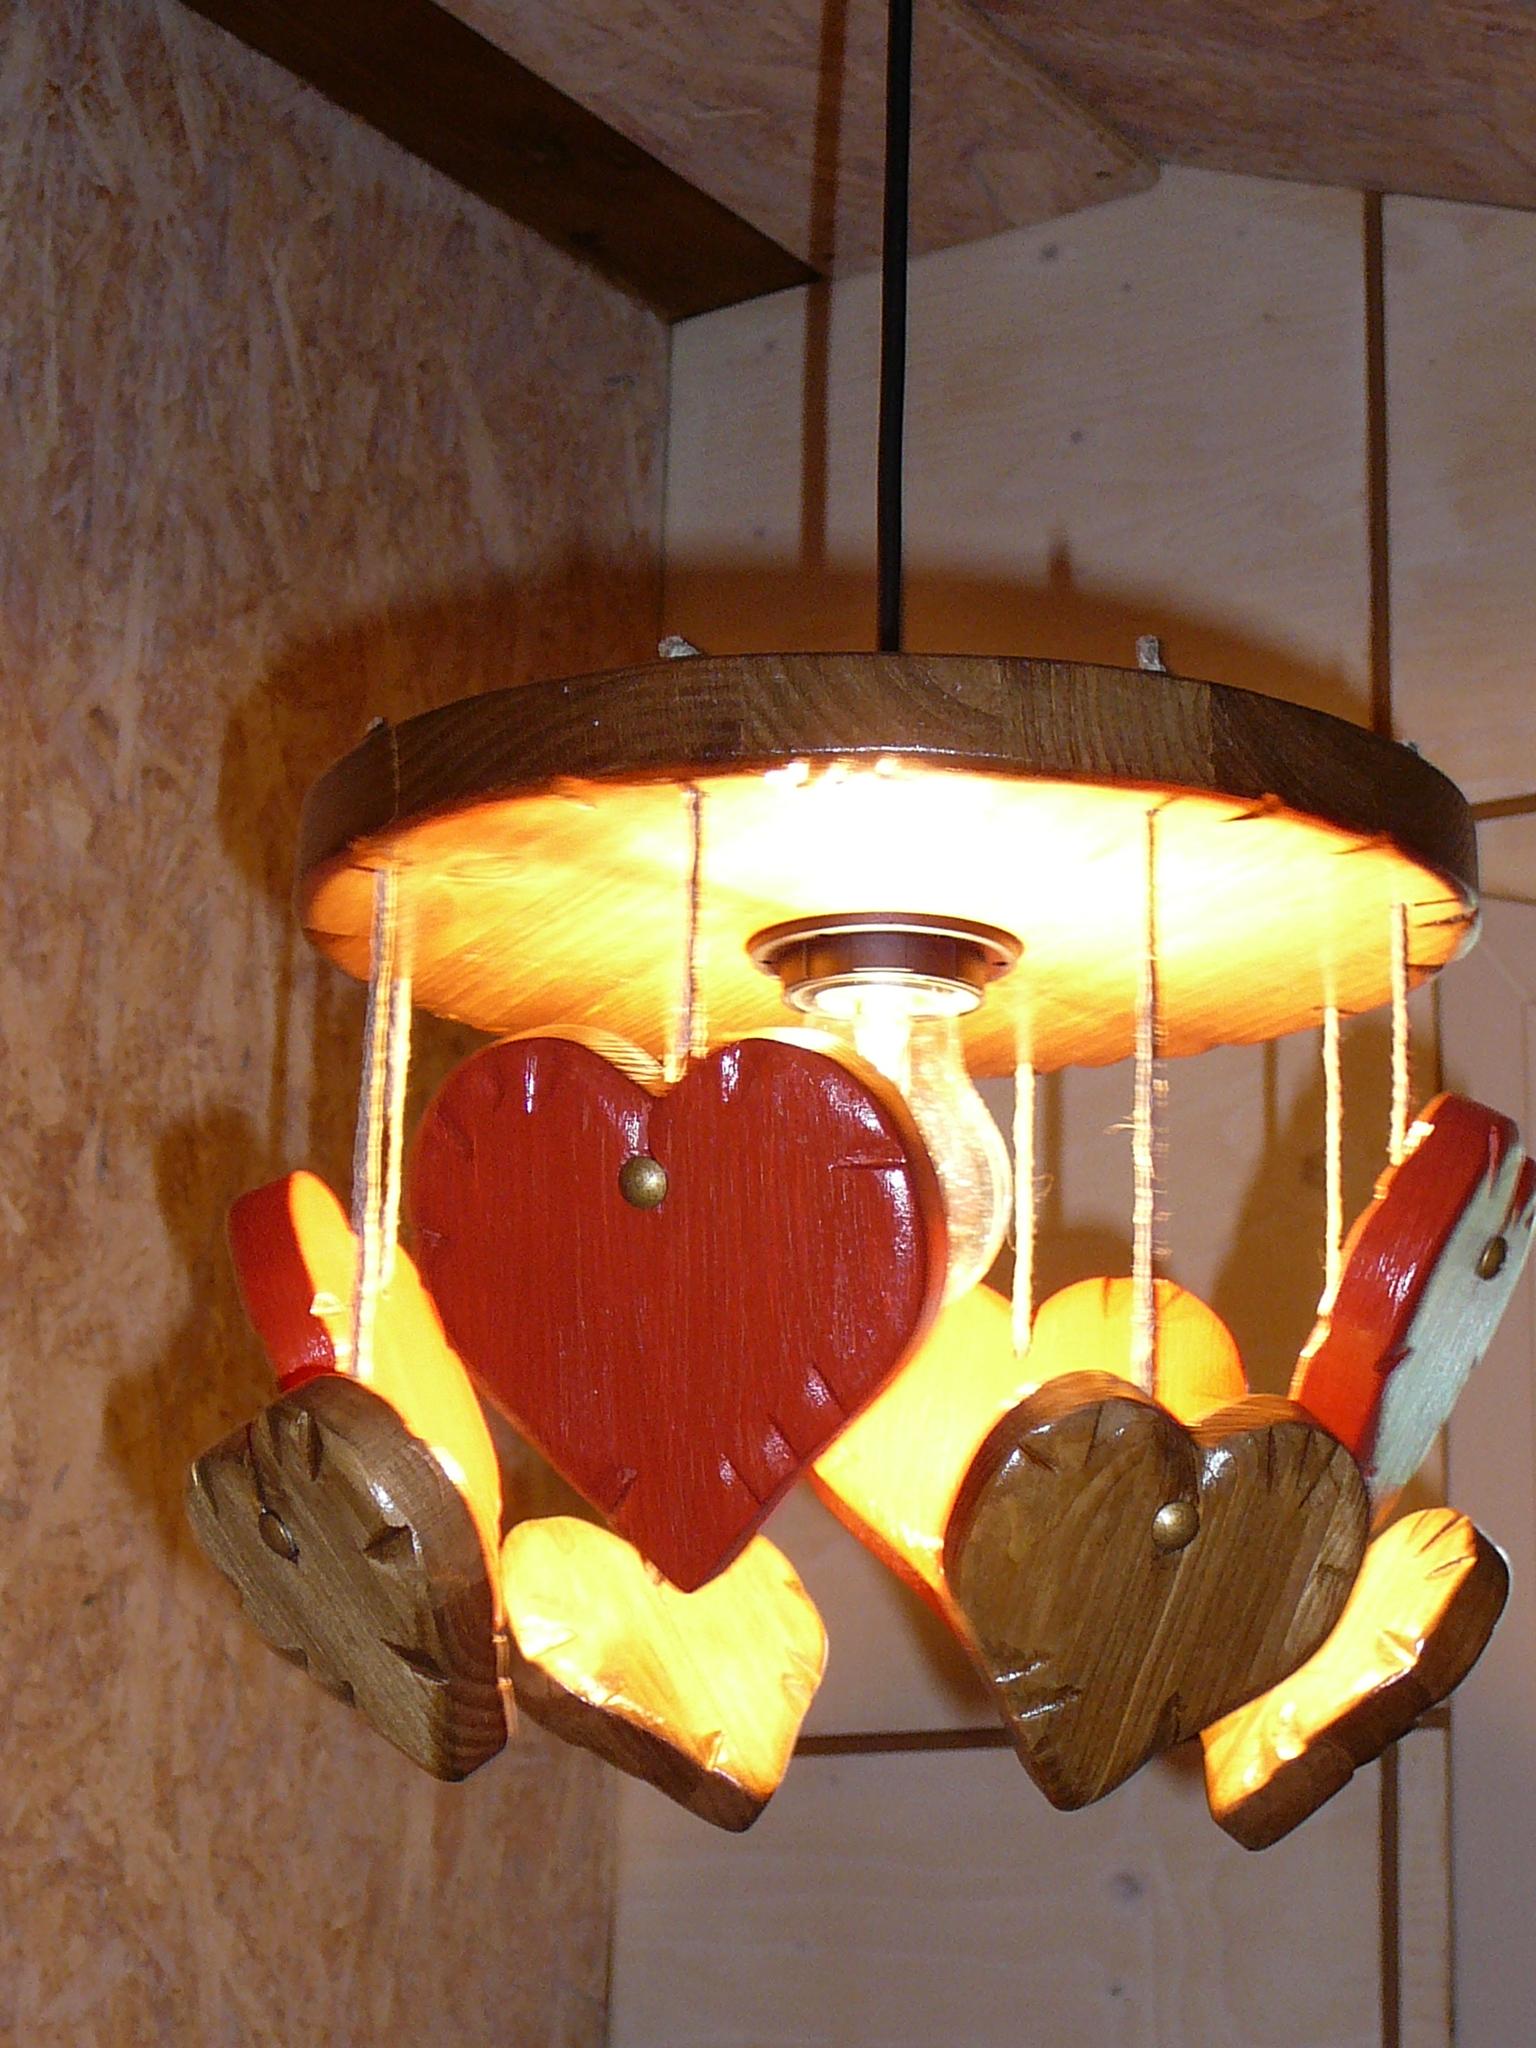 lustre coeur bois rouge d co romantique chalet montagne campagne luminaires par ambbois. Black Bedroom Furniture Sets. Home Design Ideas